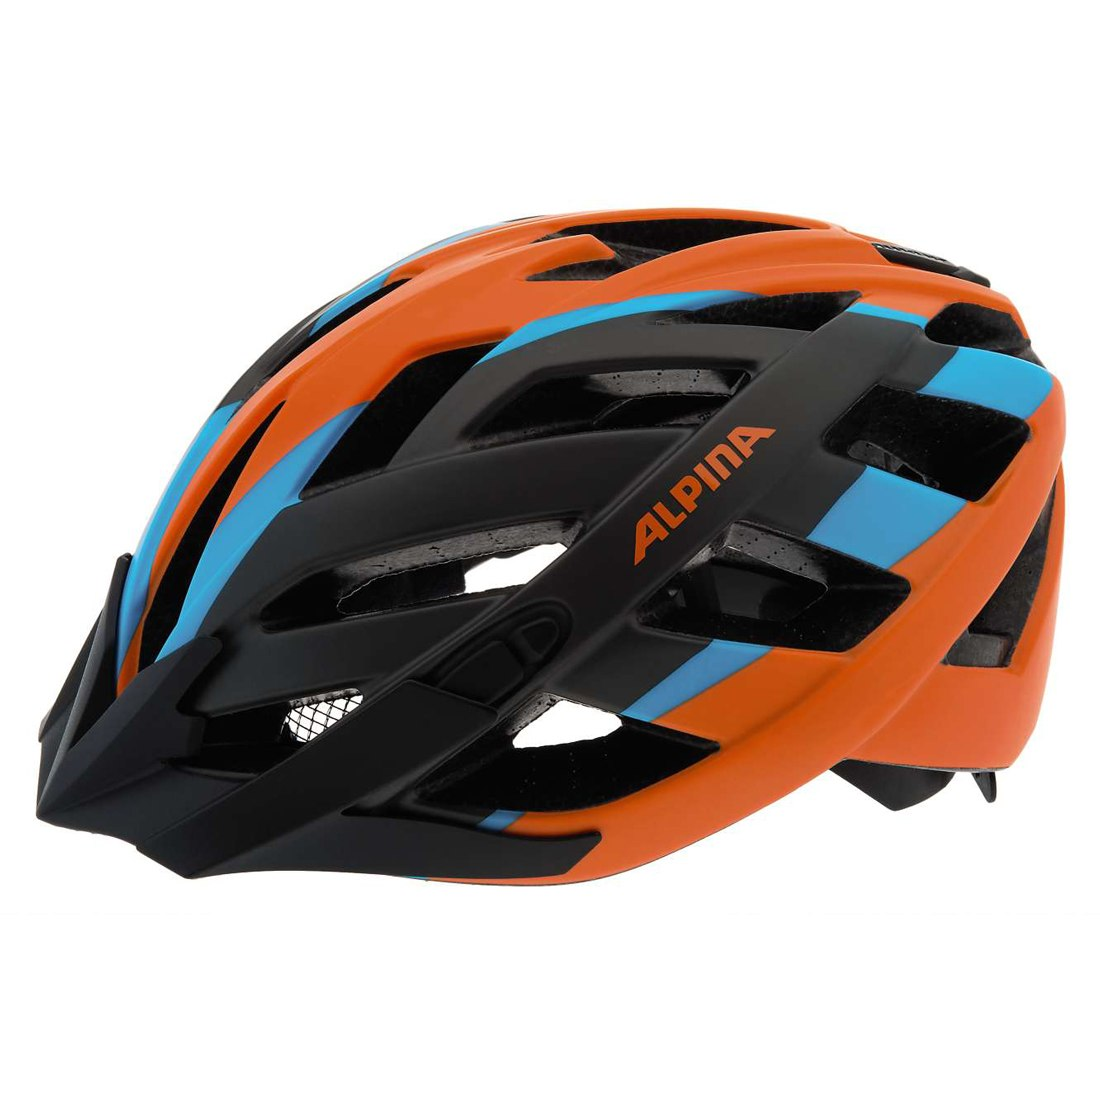 Купить Летний шлем Alpina TOUR Panoma L.E. titanium-orange-blue, Шлемы велосипедные, 1180031